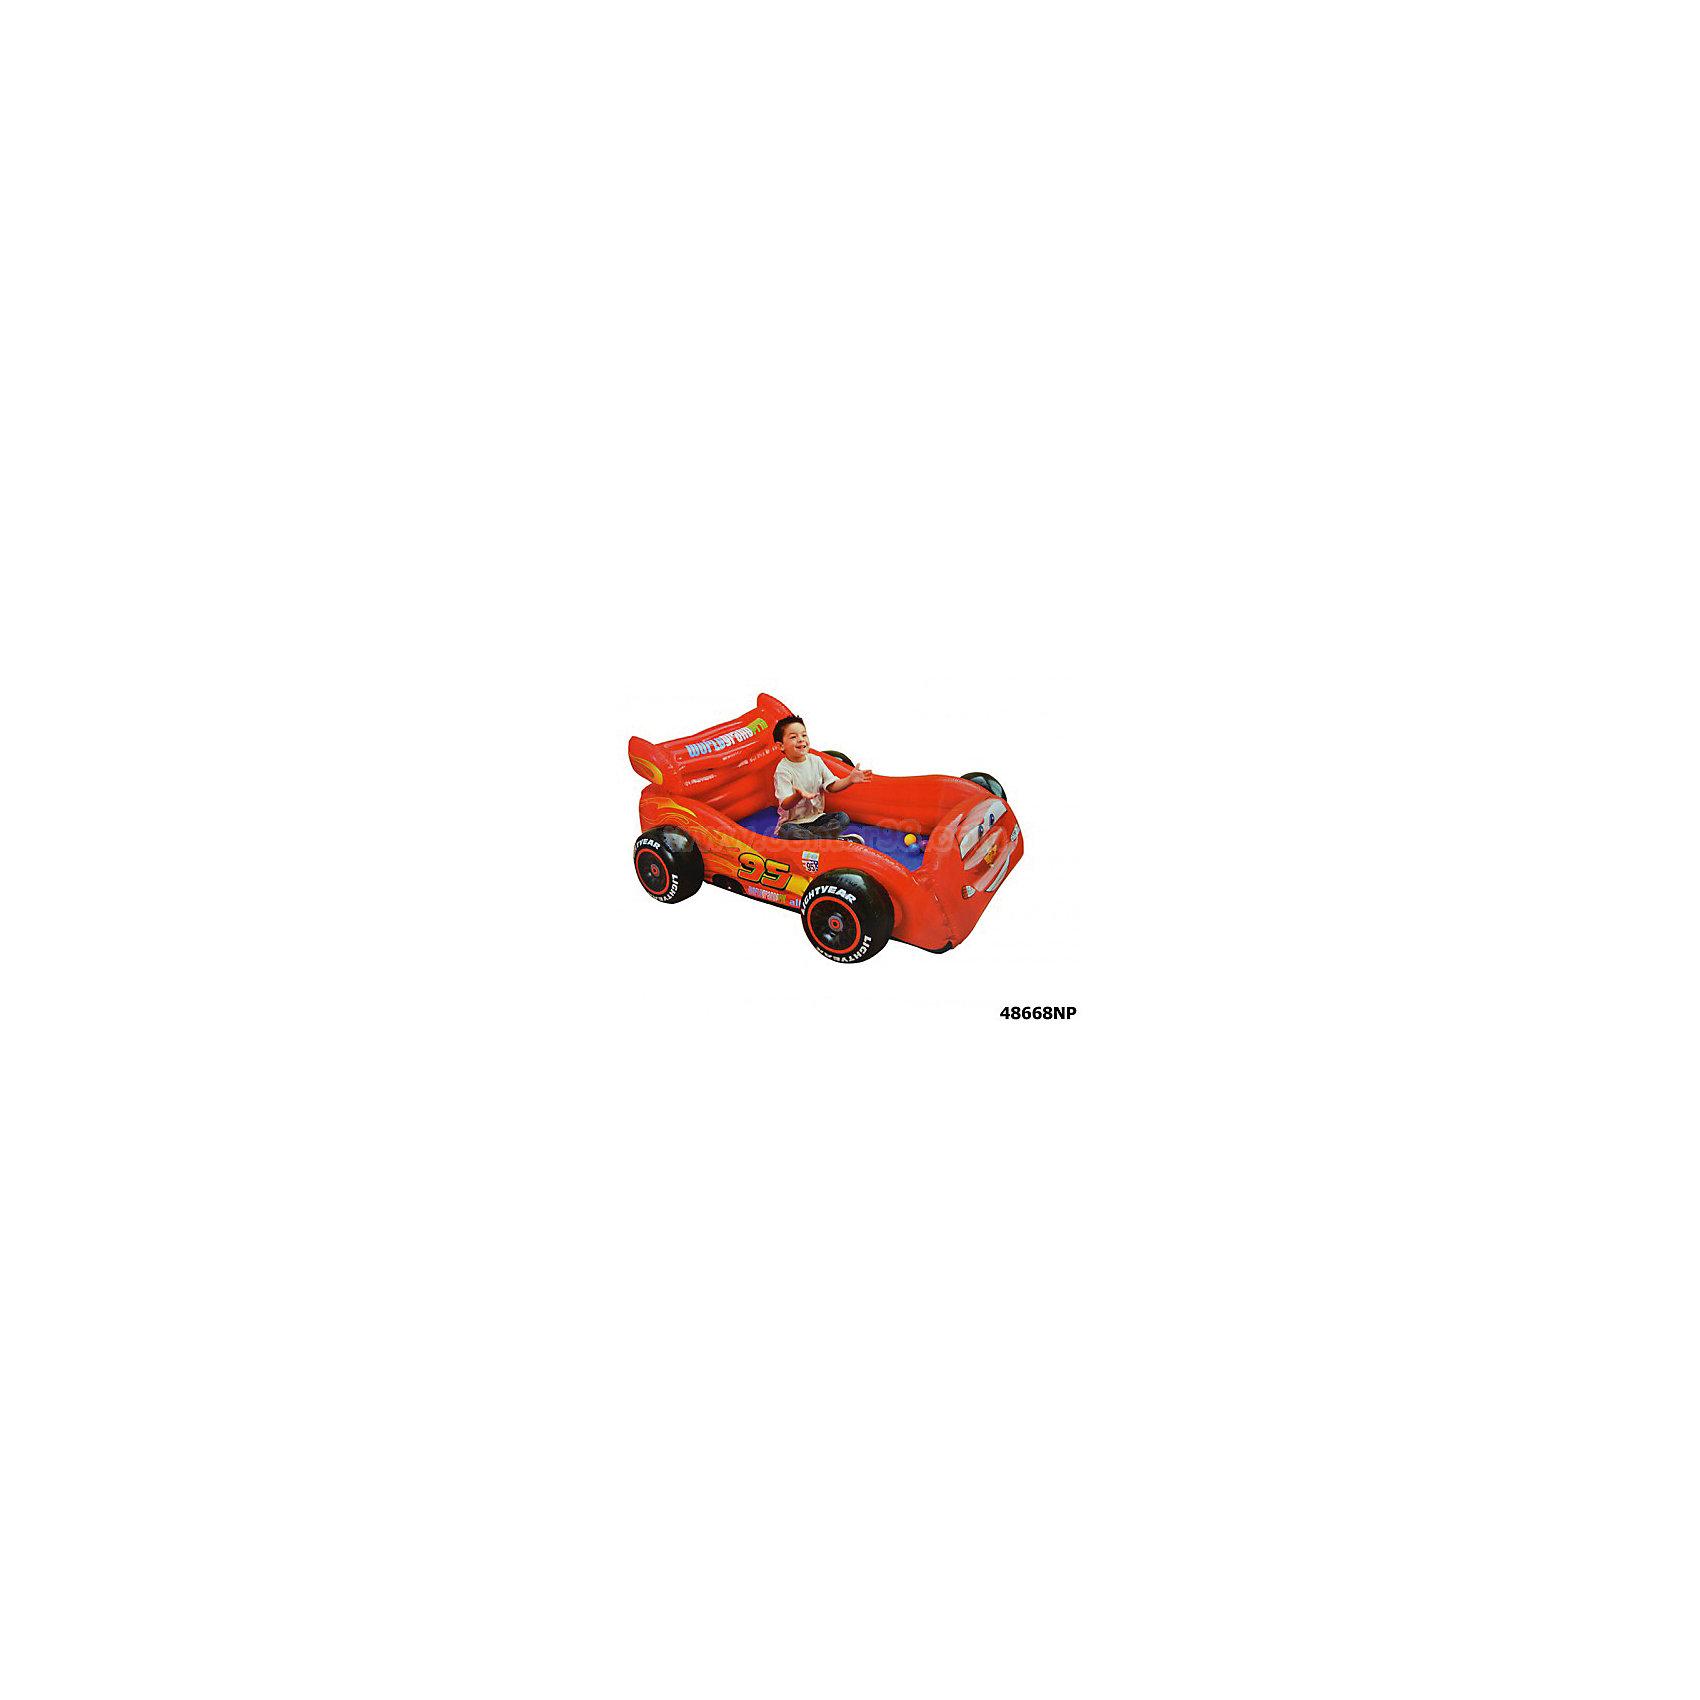 Надувная машина, 180х145х71см, Тачки, IntexИгровые центры<br>Характеристики товара:<br><br>• материал: ПВХ<br>• размер: 180х145х71 см<br>• толщина покрытия: 0,30 мм<br>• можно использовать в качестве манежа или кровати<br>• для детей 3-6 лет<br>• оригинальный привлекательный дизайн<br>• комплектация: машина, 10 шариков<br><br>Надувная машина в виде героя мультфильма Тачки обязательно понравится малышам. <br><br>Игрушку можно использовать в качестве манежа, кроватки или неглубокого бассейна. <br><br>Машина легко и быстро сдувается и надувается, занимает мало места при хранении и транспортировке. <br><br>Прекрасный подарок для всех поклонников мультфильма Тачки (Cars). <br><br>Надувную машину, 180х145х71см, Тачки, Intex (Интекс) можно купить в нашем интернет-магазине.<br><br>Ширина мм: 406<br>Глубина мм: 355<br>Высота мм: 126<br>Вес г: 3793<br>Возраст от месяцев: 36<br>Возраст до месяцев: 96<br>Пол: Унисекс<br>Возраст: Детский<br>SKU: 5501932